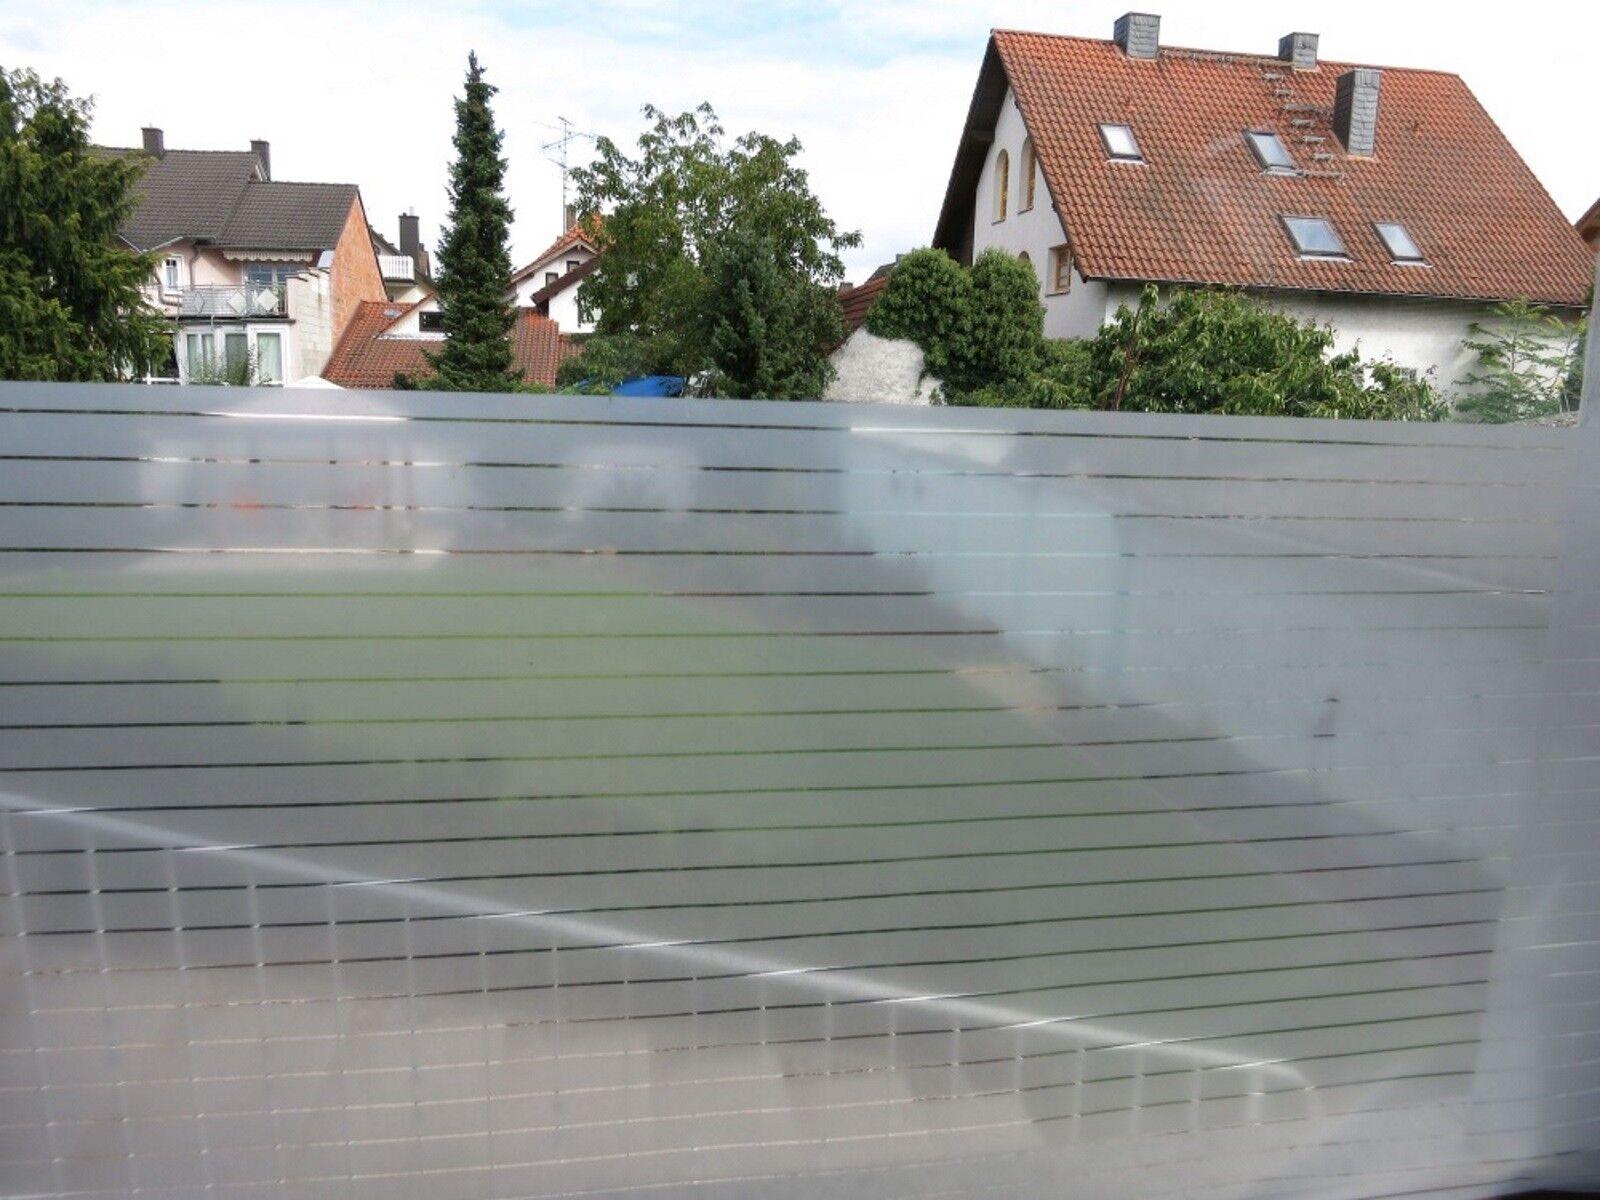 Fensterfolie statisch Mayo Streifen Streifen Streifen Milchglasfolie Sichtschutzfolie Größenwahl   Vogue  0ed86a